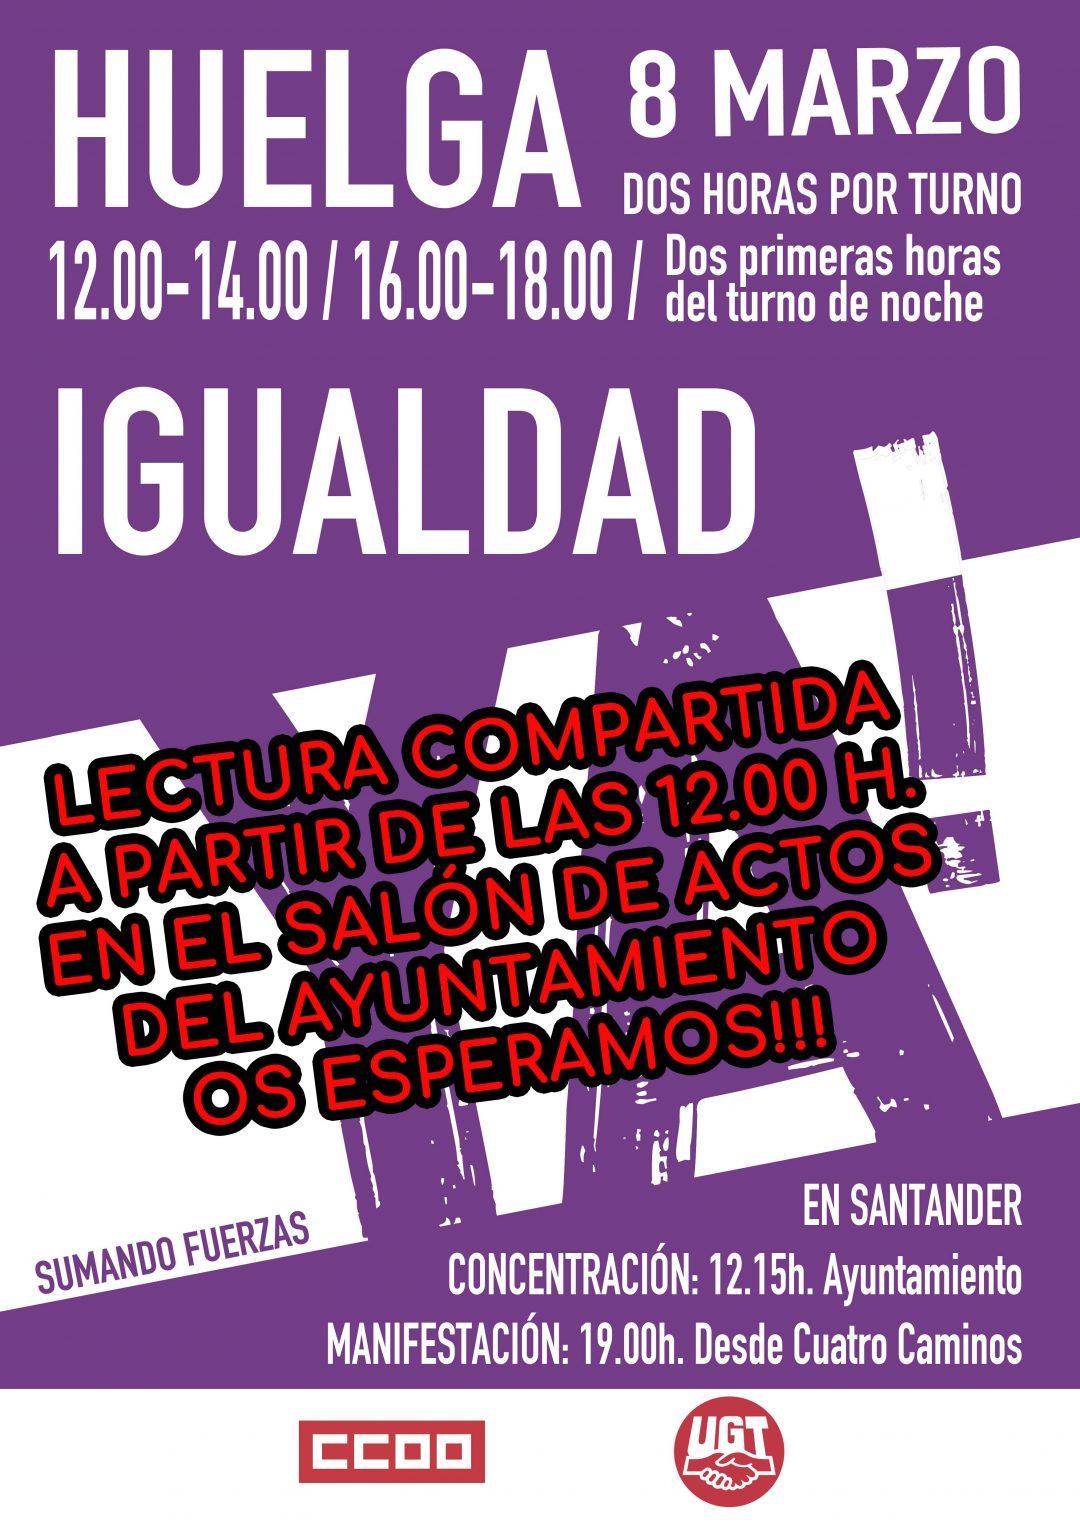 DÍA INTERNACIONAL DE LA MUJER – A PARTIR DE LAS 12 H. LECTURA COMPARTIDA EN EL SALÓN DE PLENOS